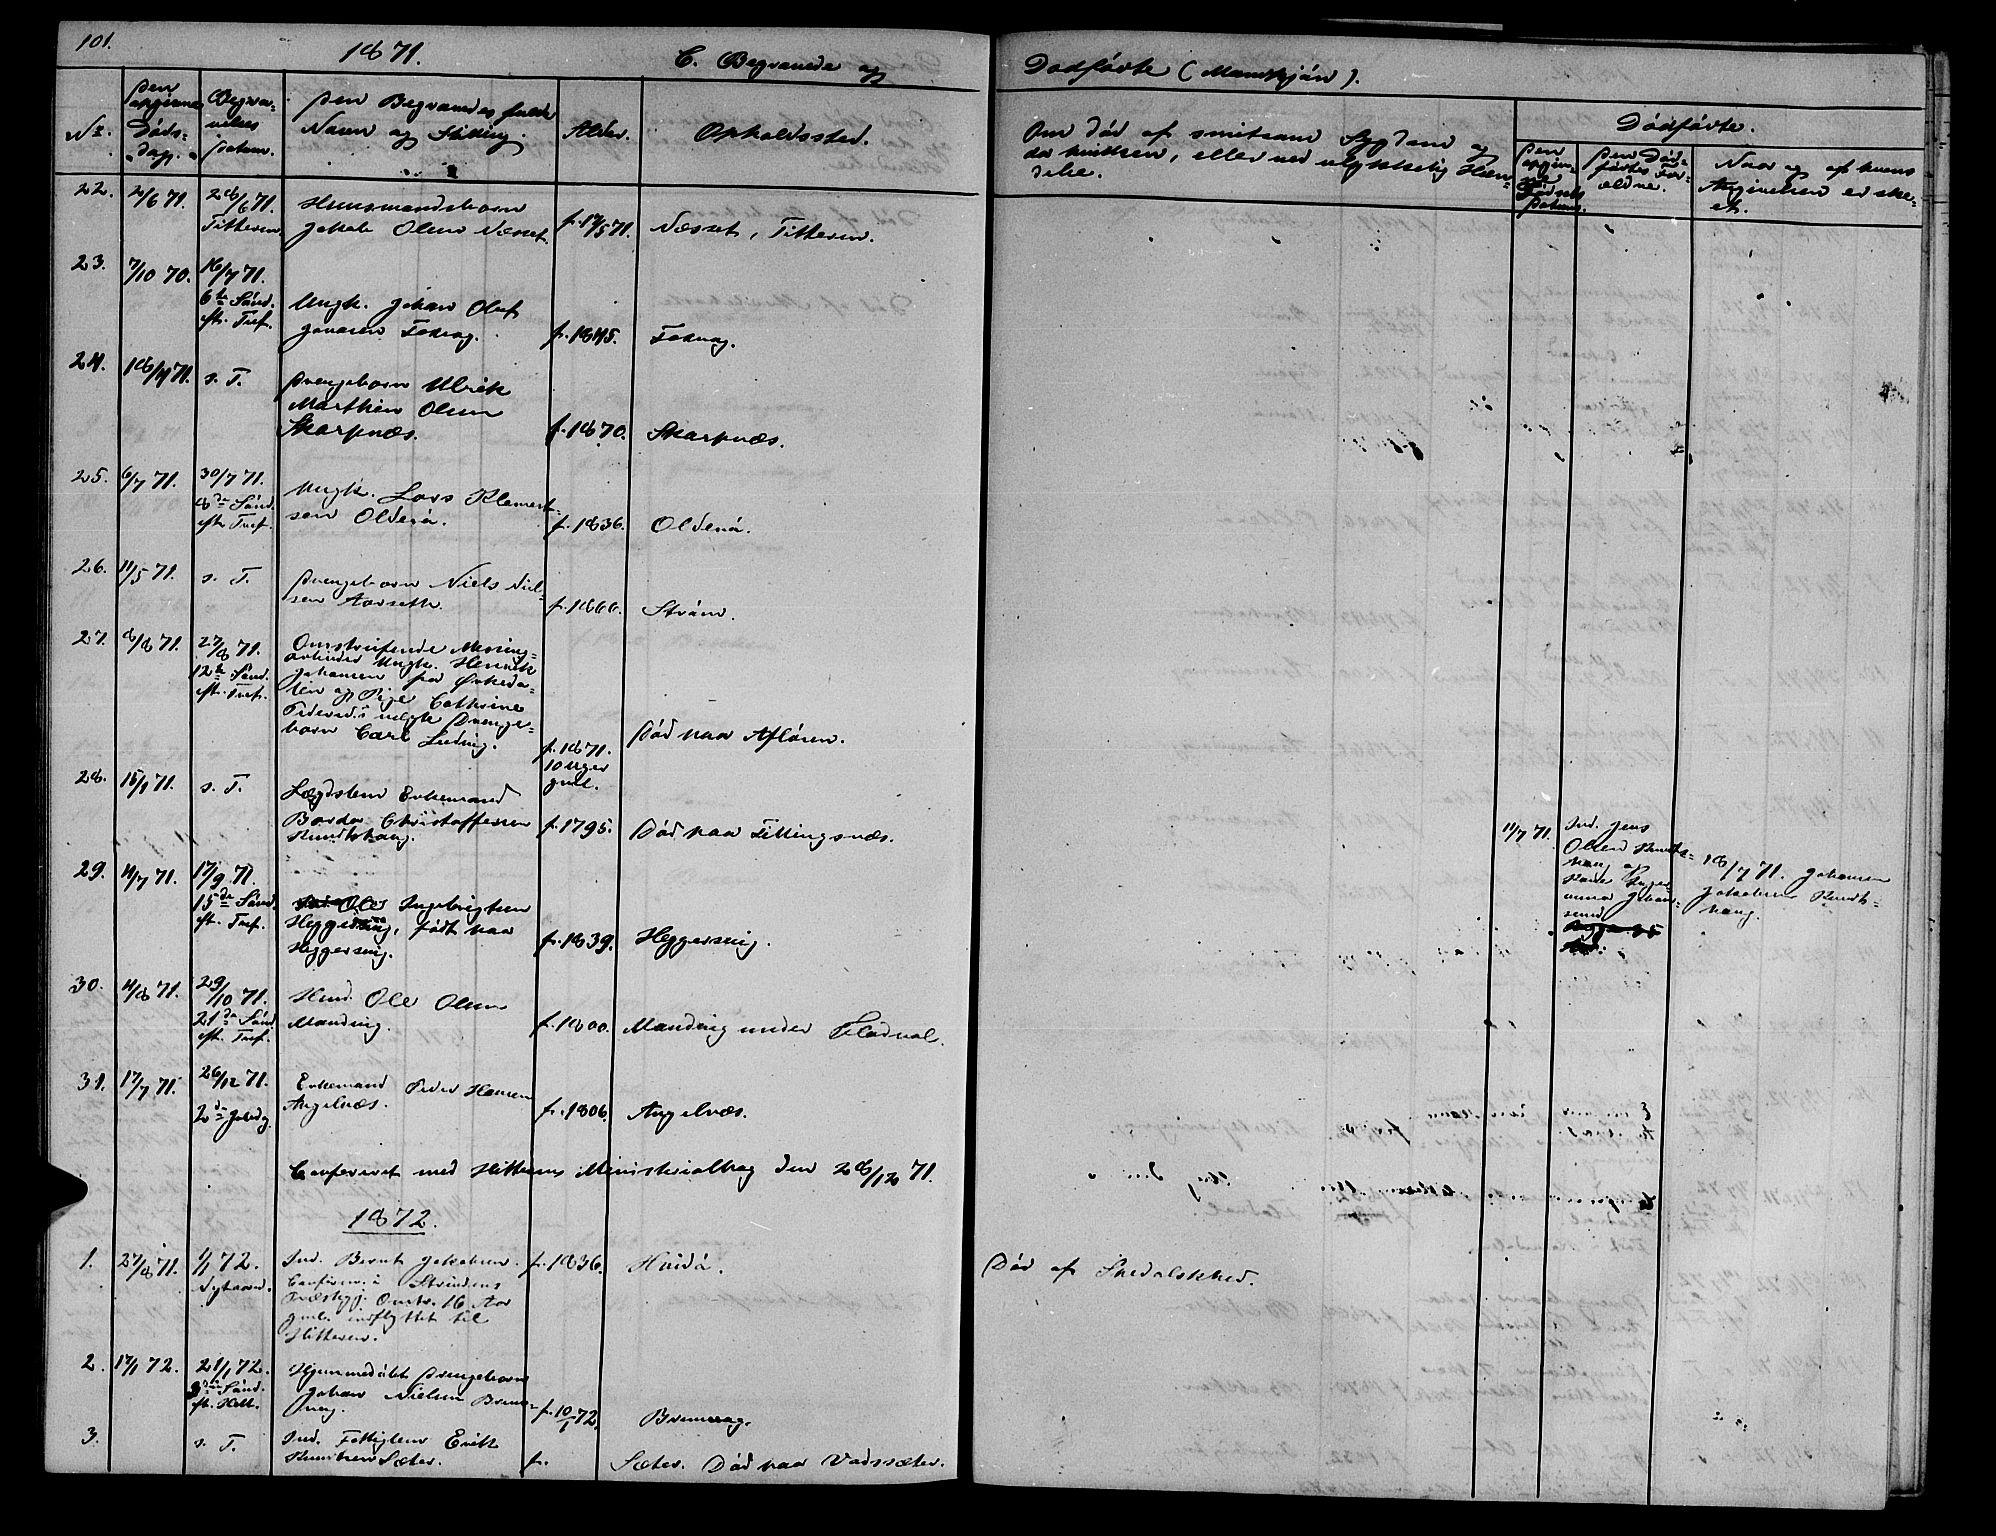 SAT, Ministerialprotokoller, klokkerbøker og fødselsregistre - Sør-Trøndelag, 634/L0539: Klokkerbok nr. 634C01, 1866-1873, s. 101